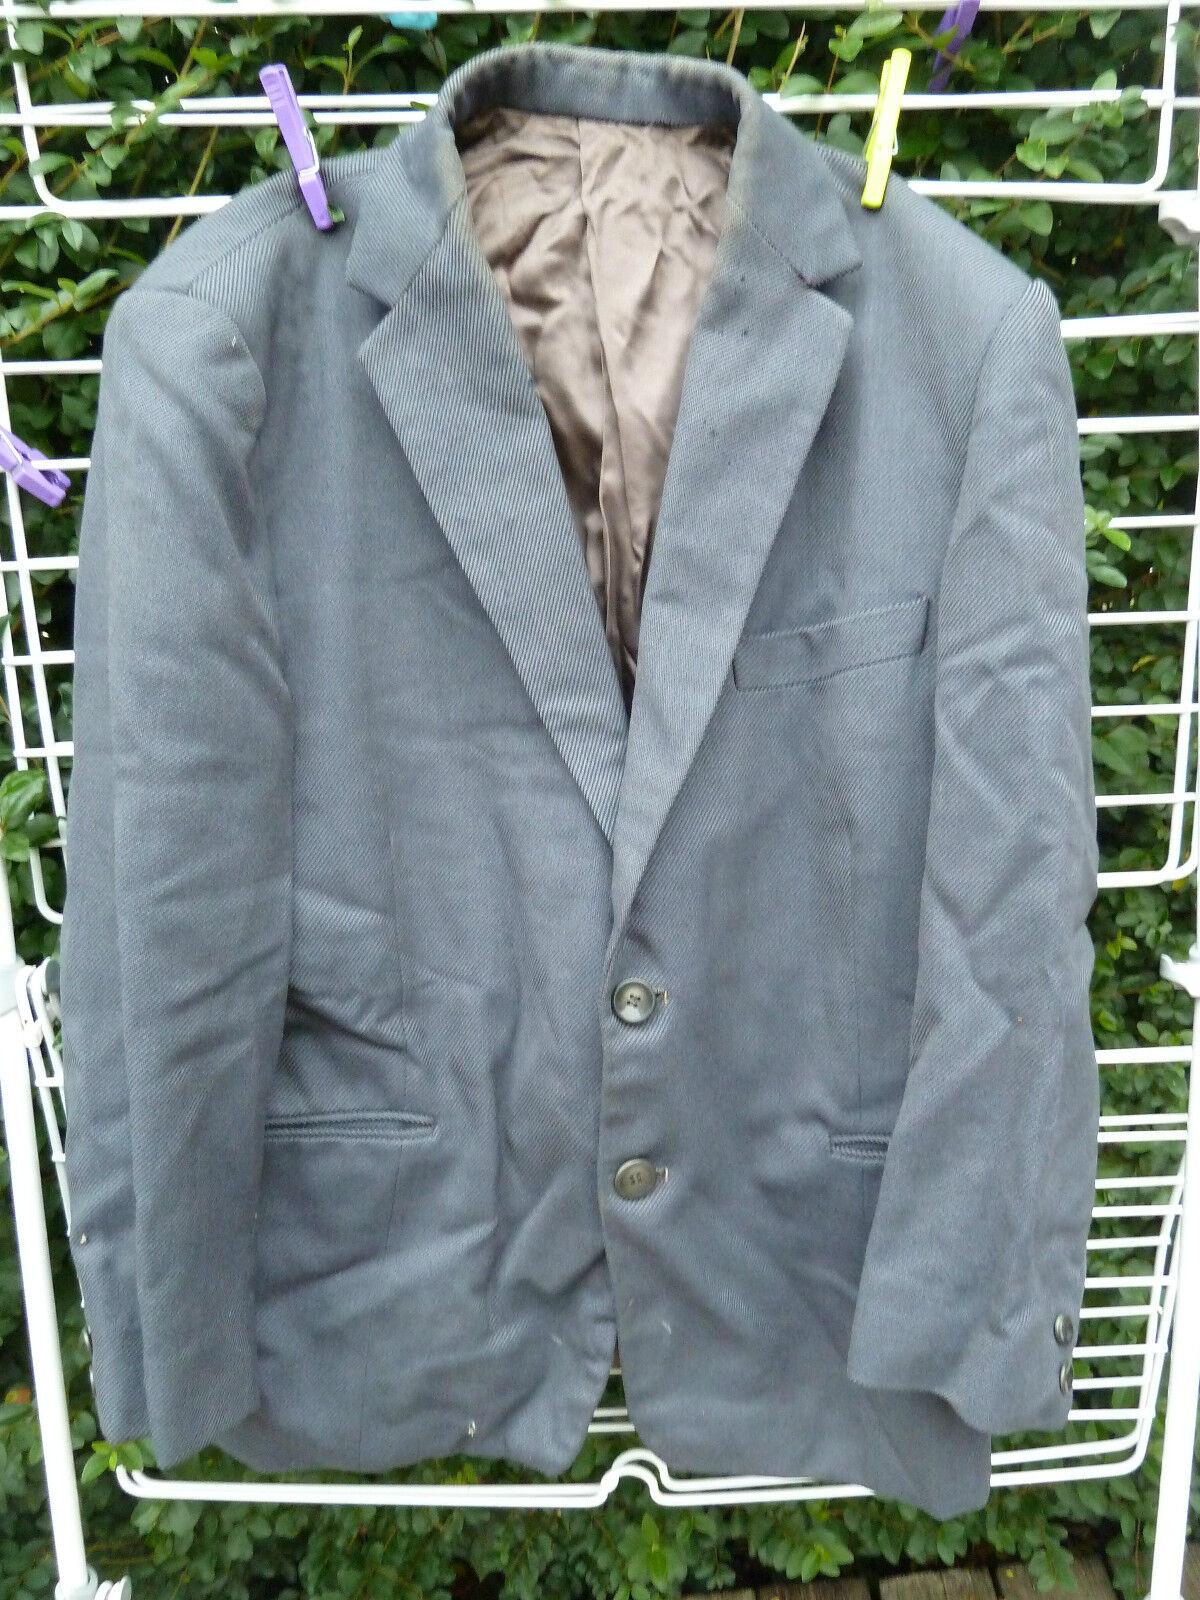 Veste, ancien costume vêtement paysan, art populaire